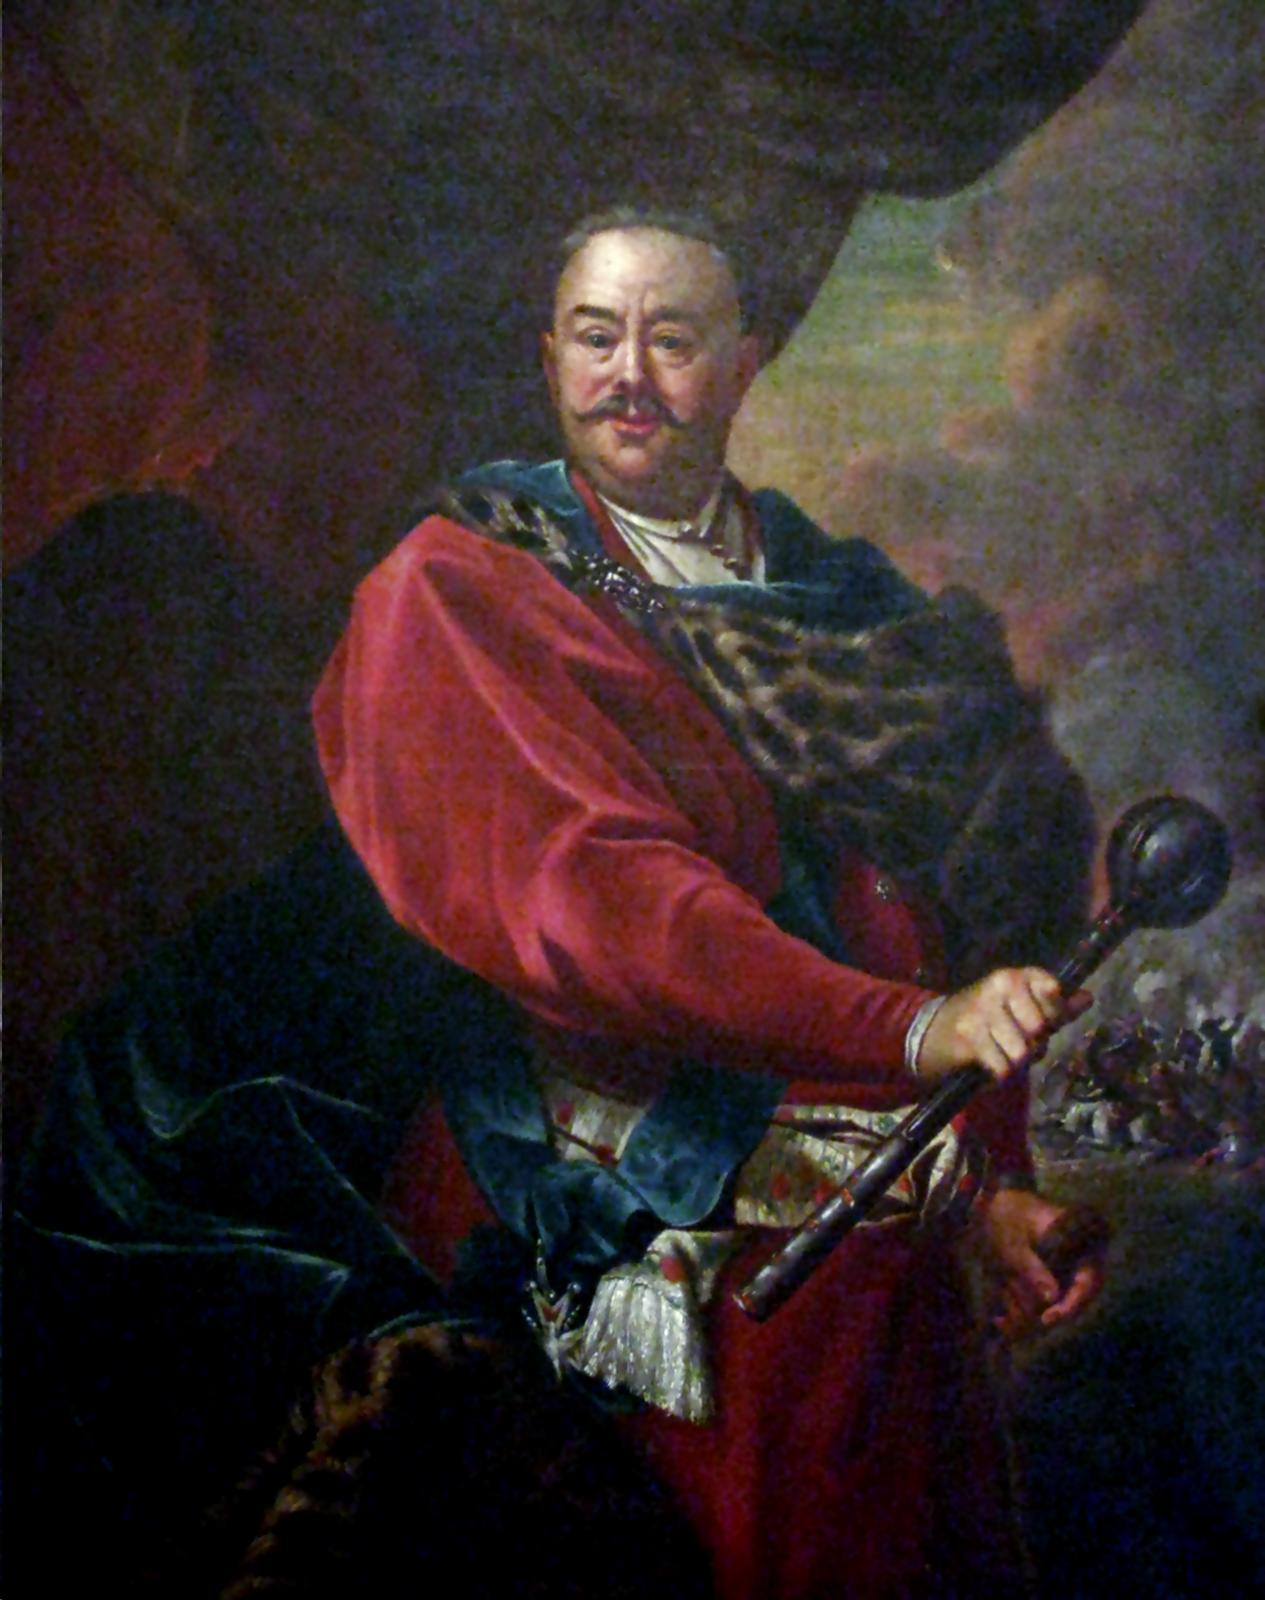 Jan Klemens Branicki Źródło: Jan Klemens Branicki, XVIII/XIX w., Wikimedia Commons, licencja: CC BY 3.0.